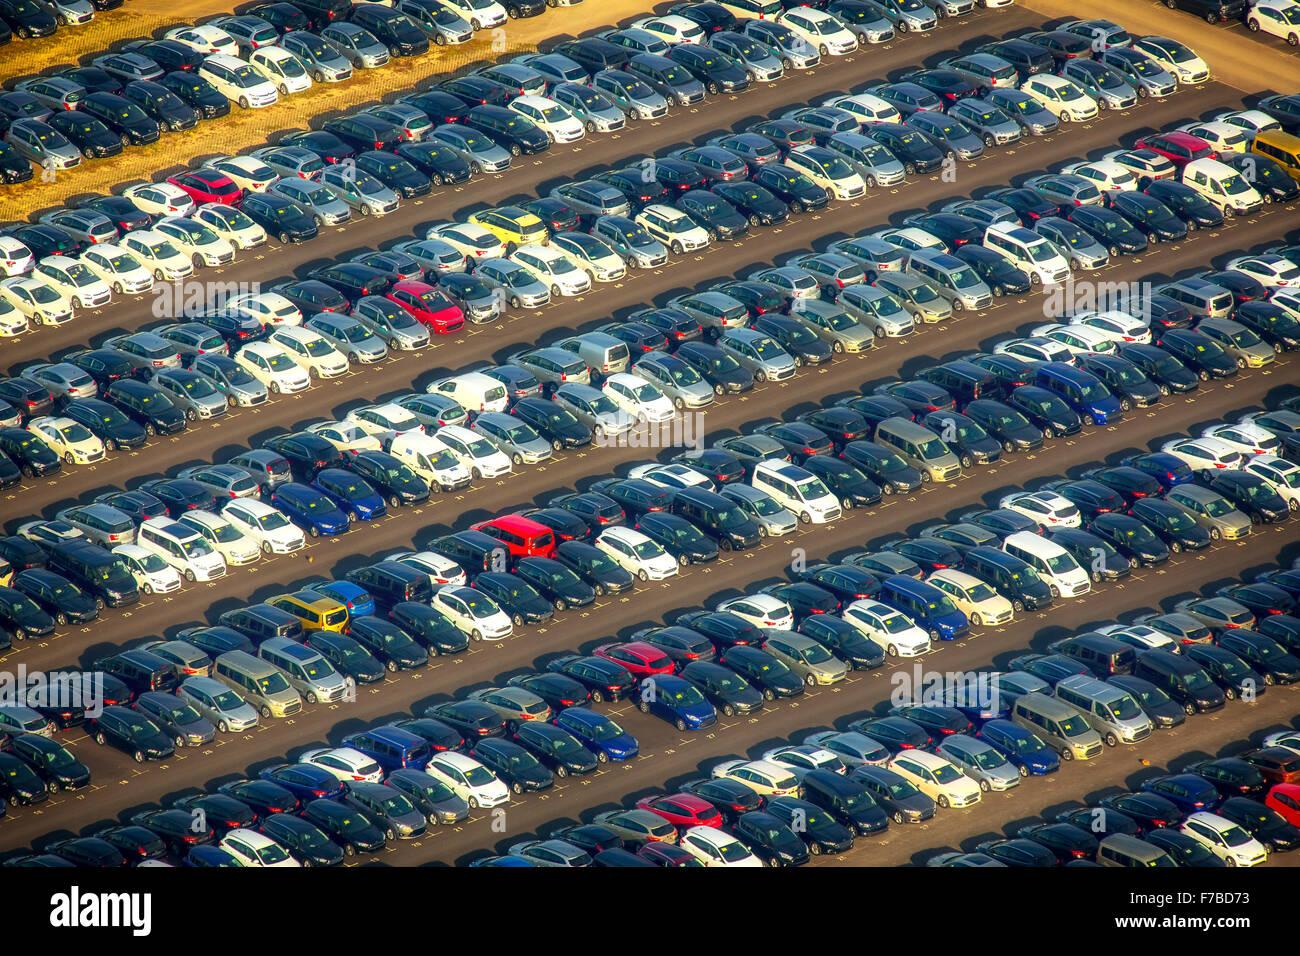 Car Sales Stock Photos Amp Car Sales Stock Images Alamy